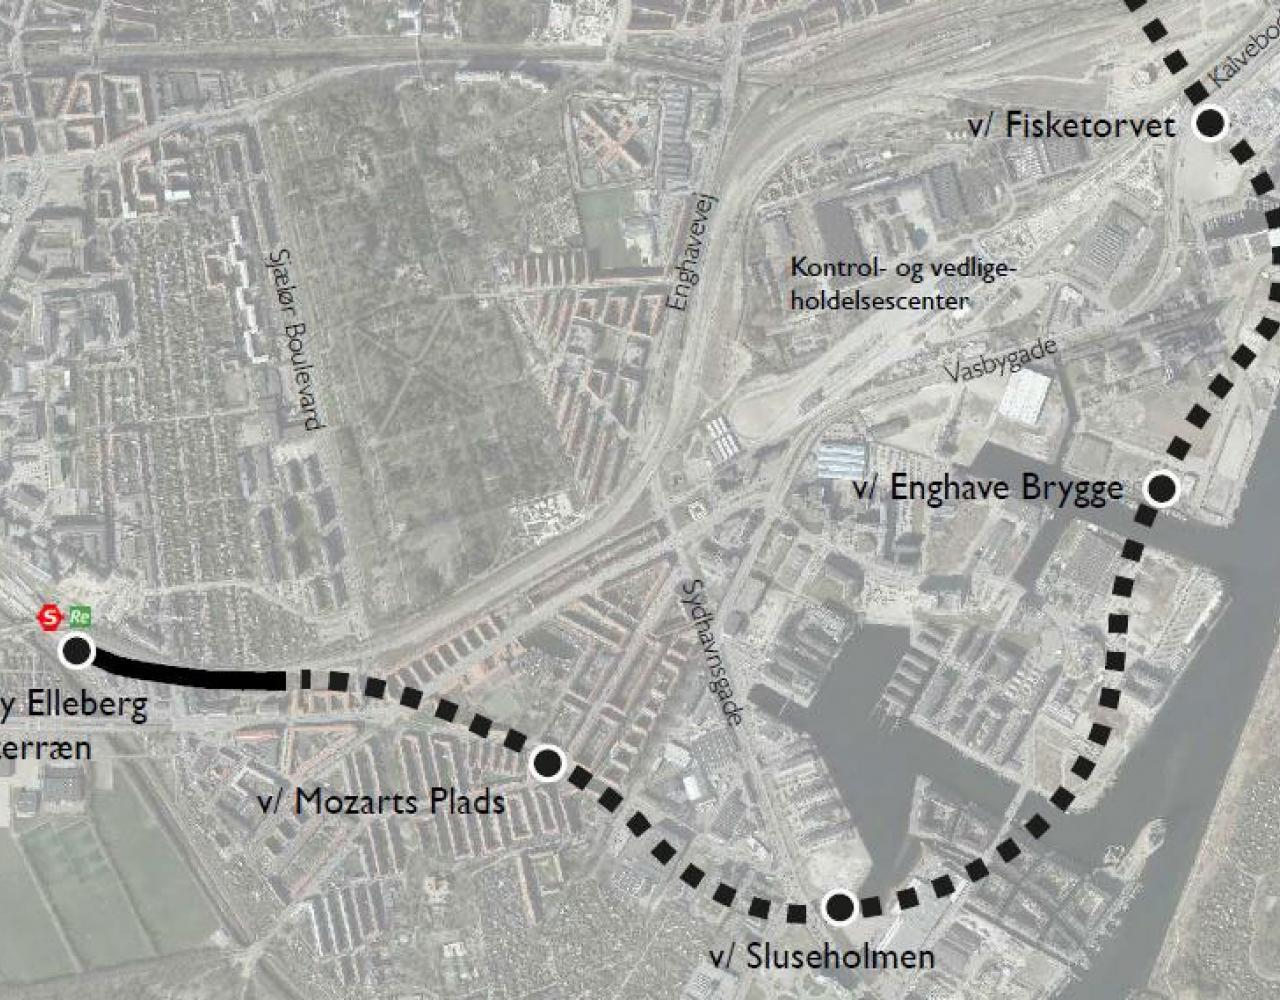 stationer sydhavn metro